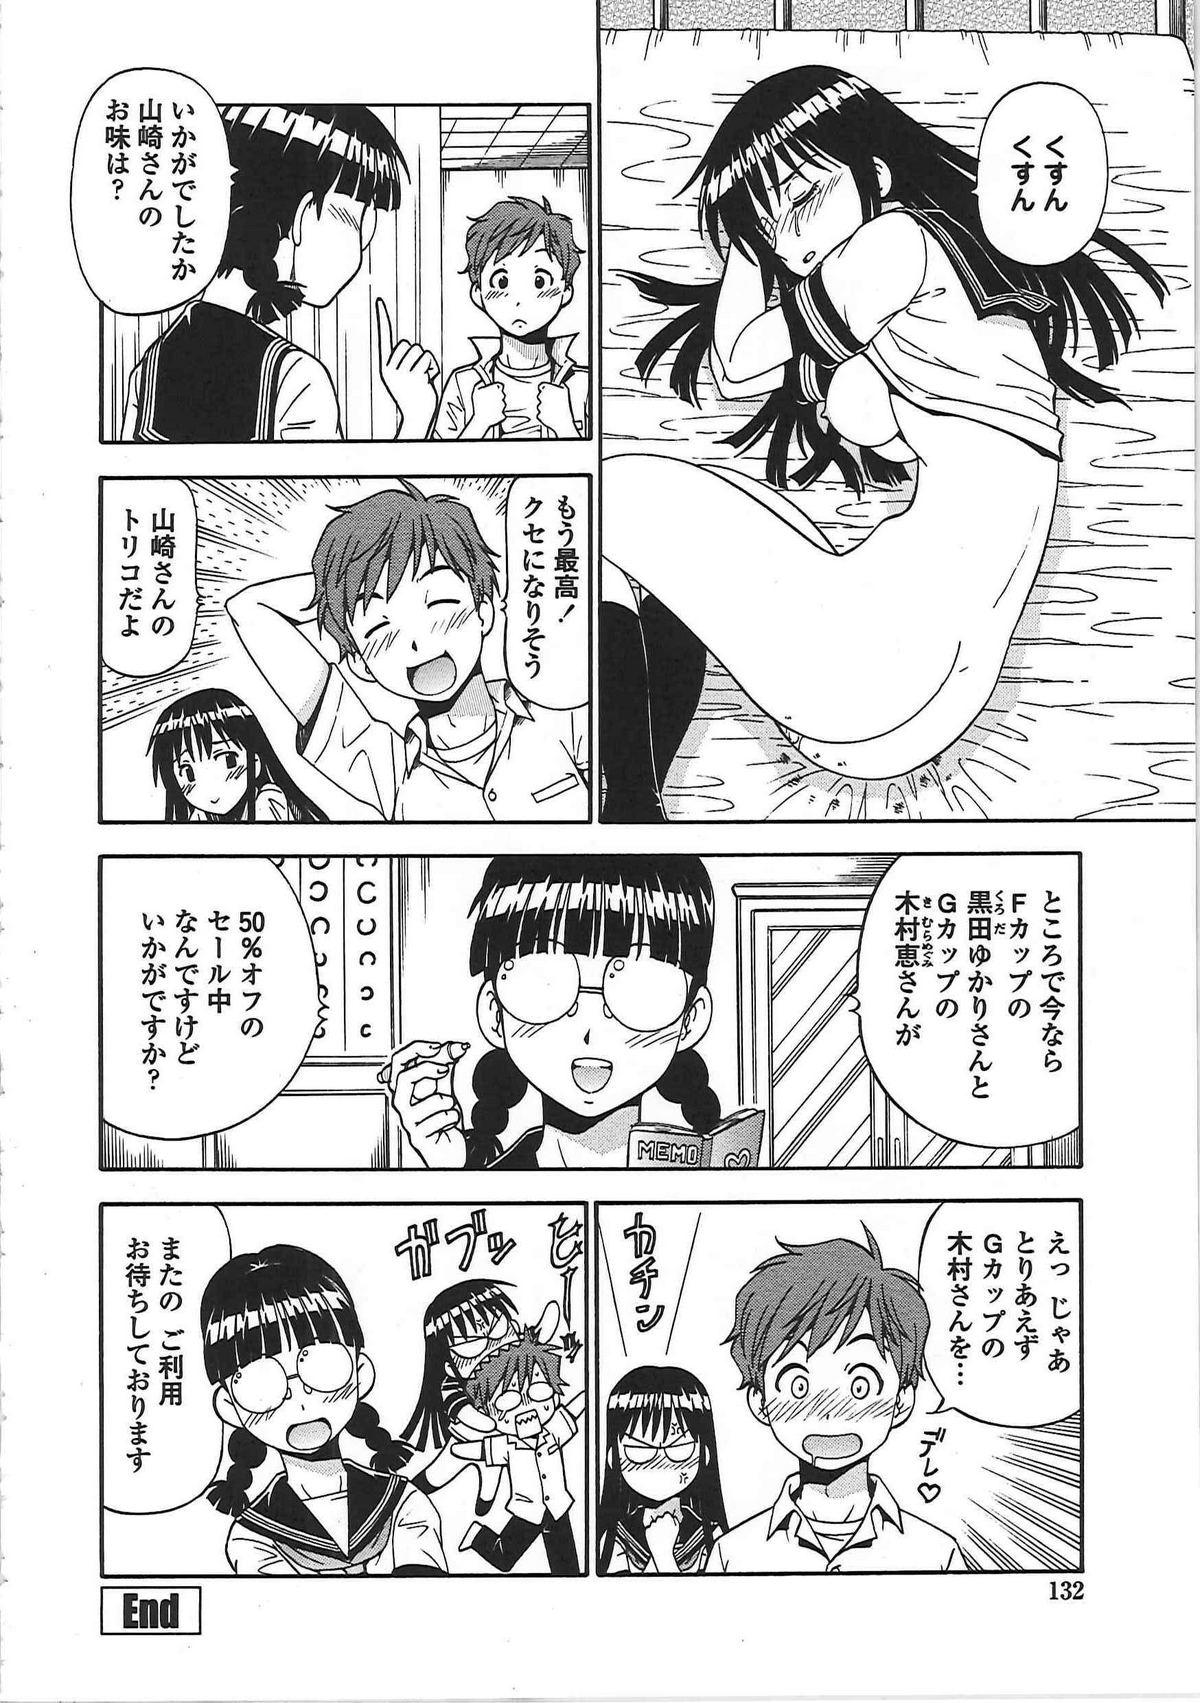 Hentai Iinchou 136